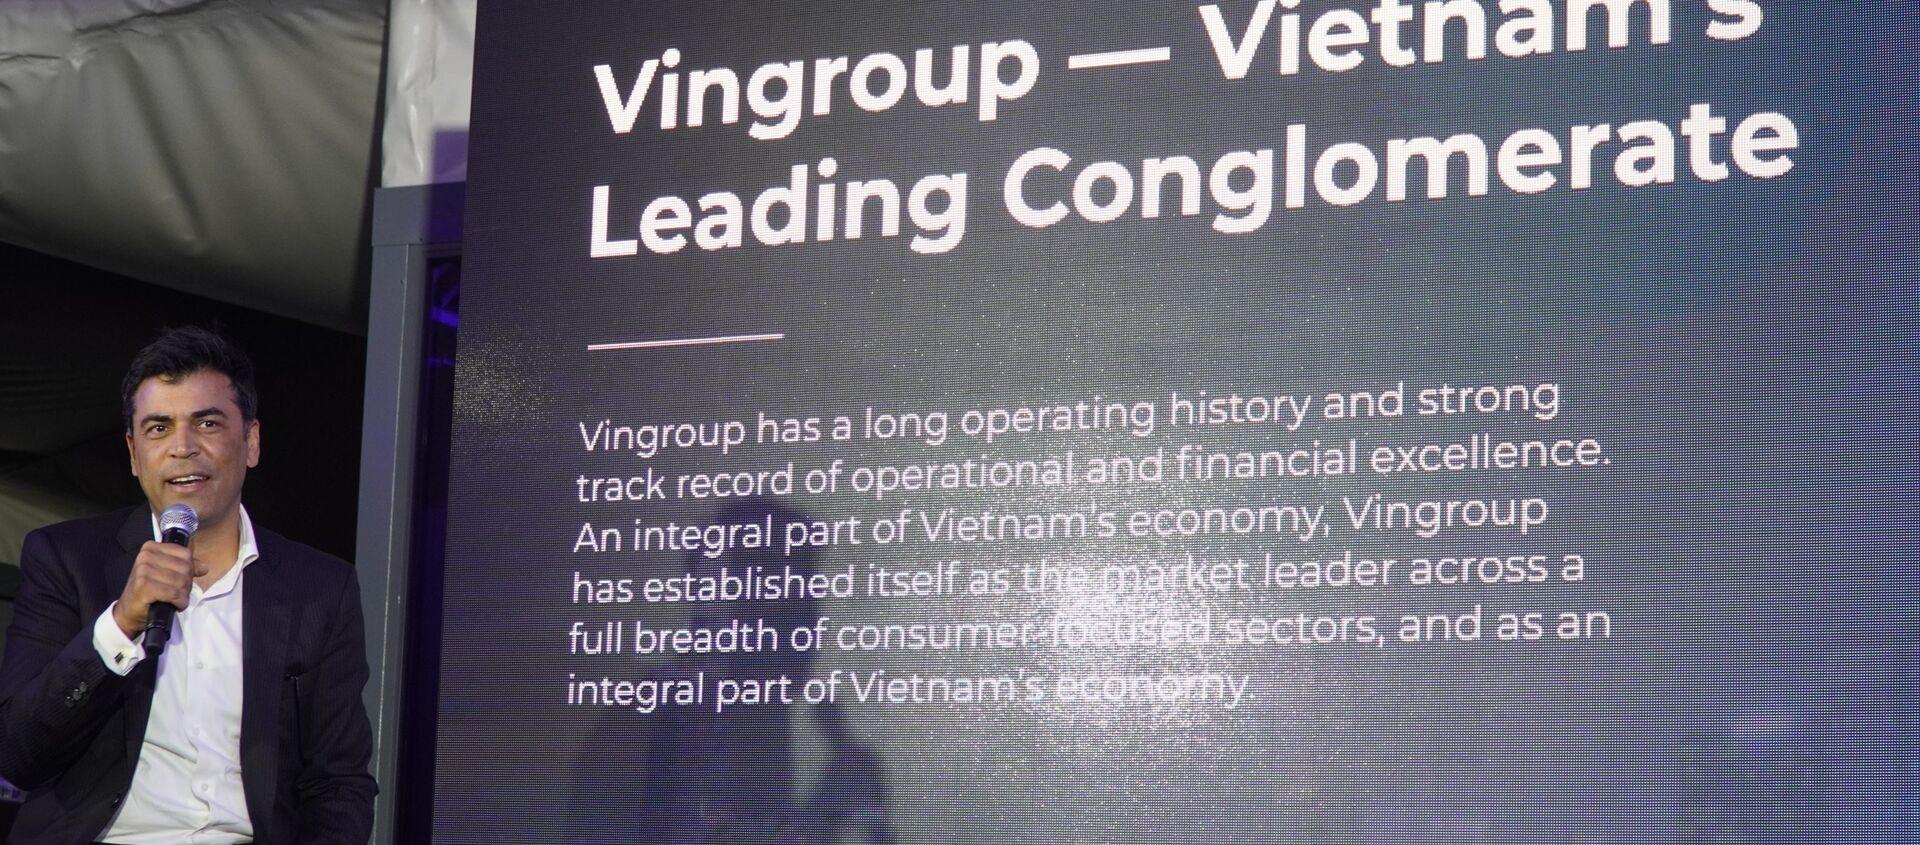 Phó TGĐ của VINGROUP Mantosh Malhotra giới thiệu về Tập đoàn VINGROUP tại Nga - Sputnik Việt Nam, 1920, 20.12.2020